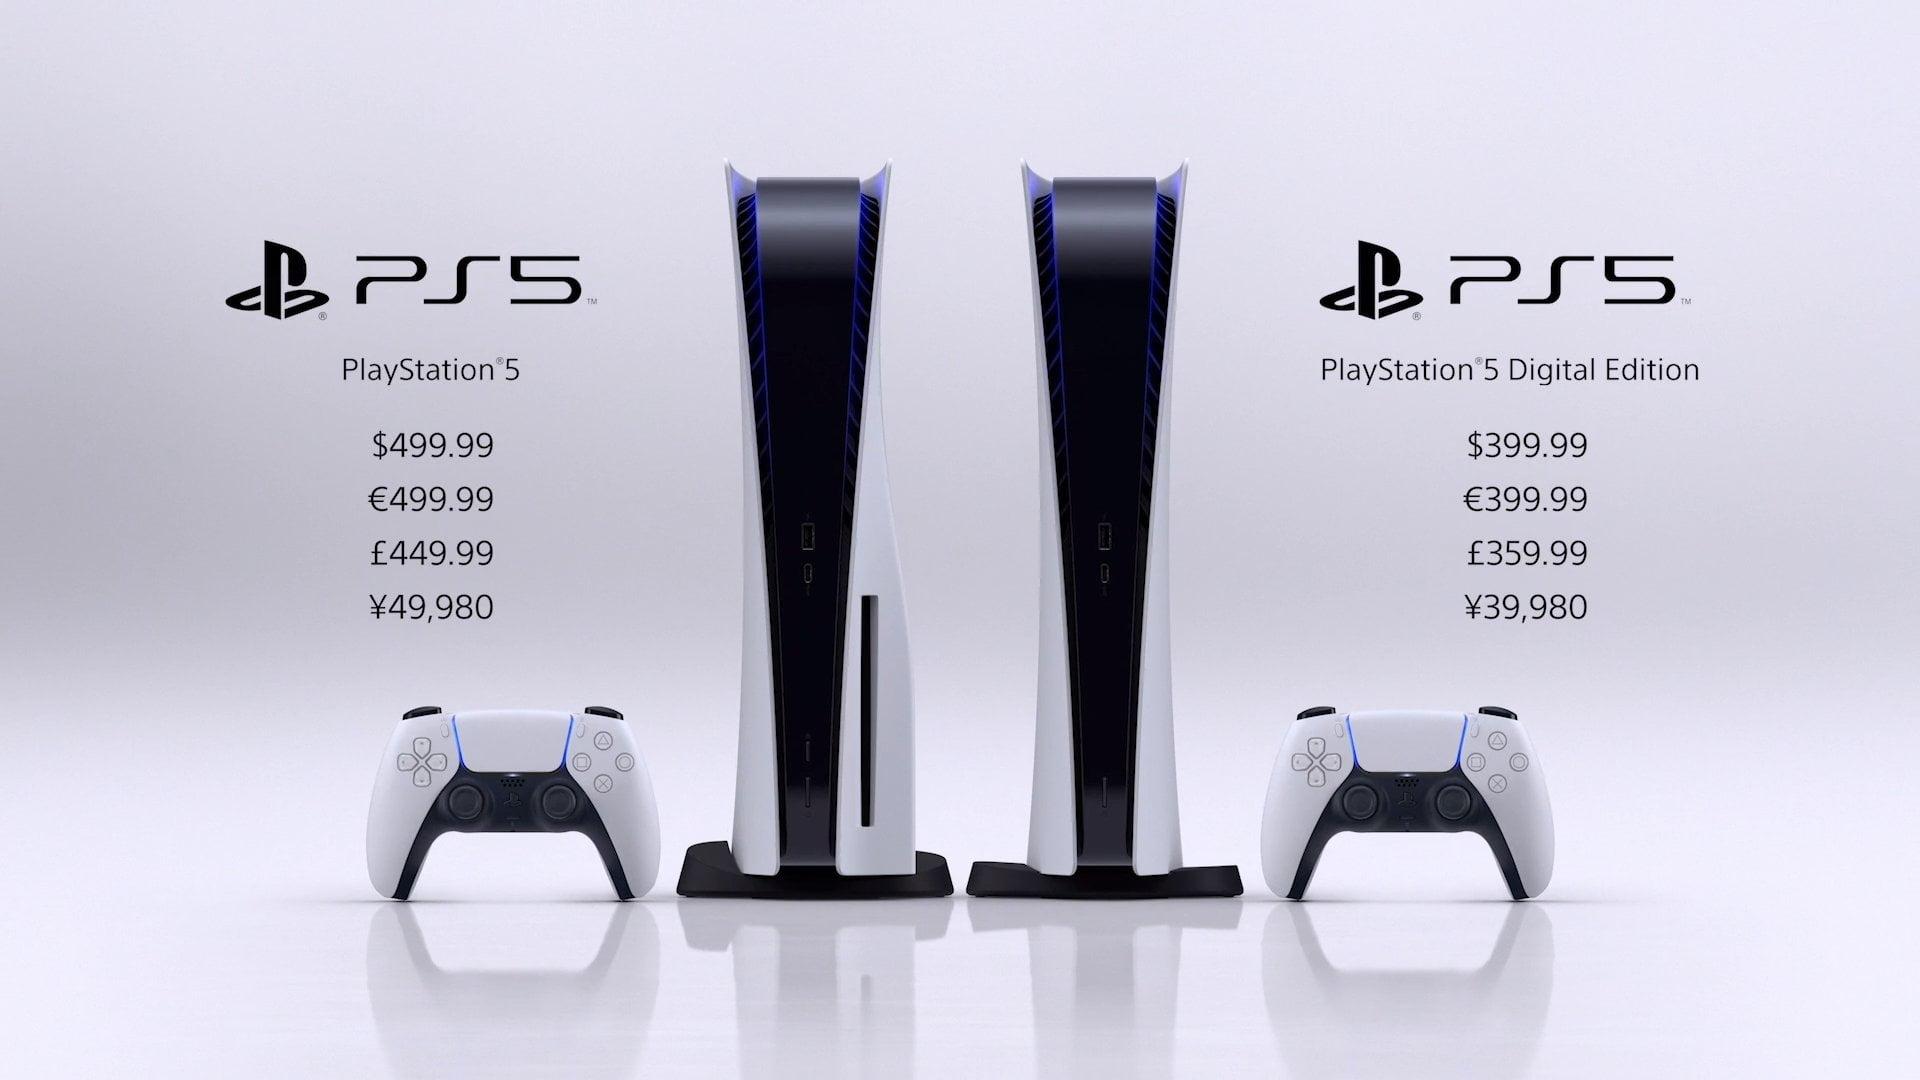 Prix de la PS5 en France